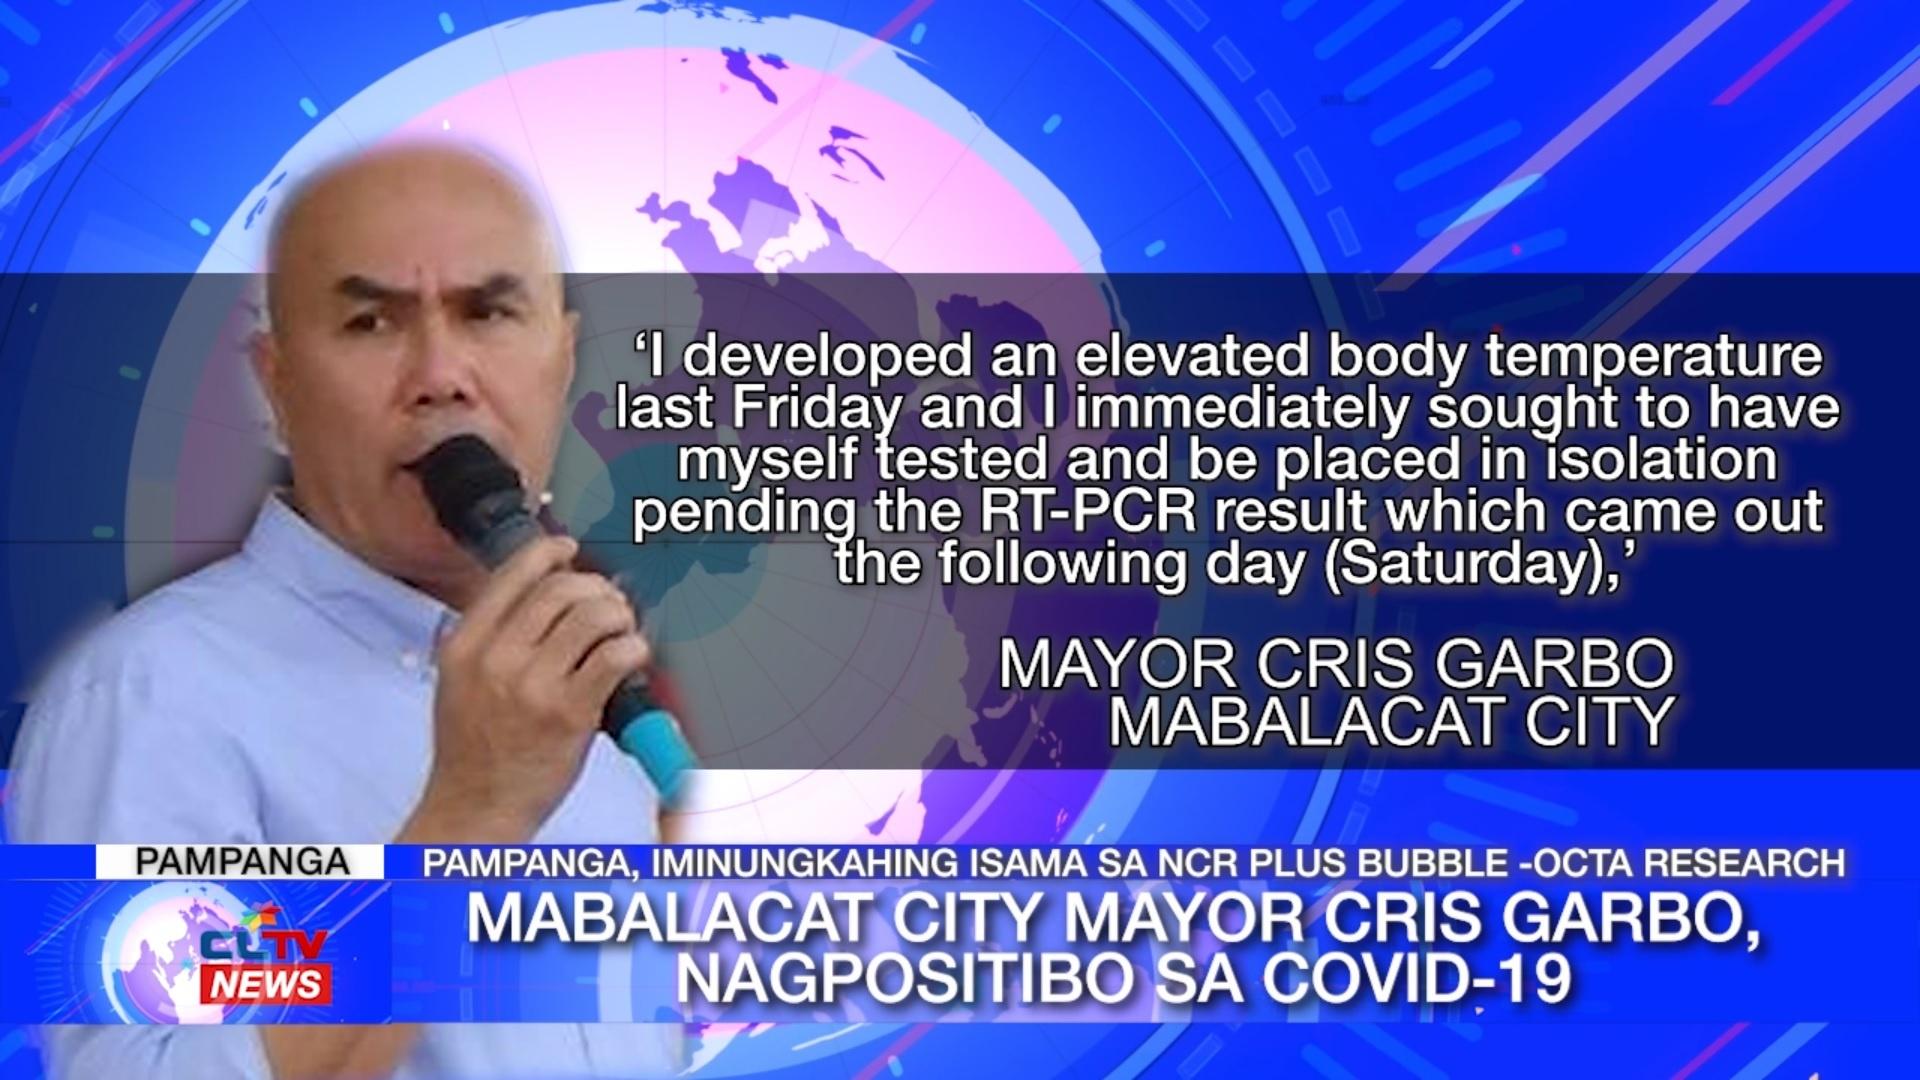 Mabalacat City Mayor Cris Garbo, nagpositibo sa COVID-19 | Pampanga News - CLTV36